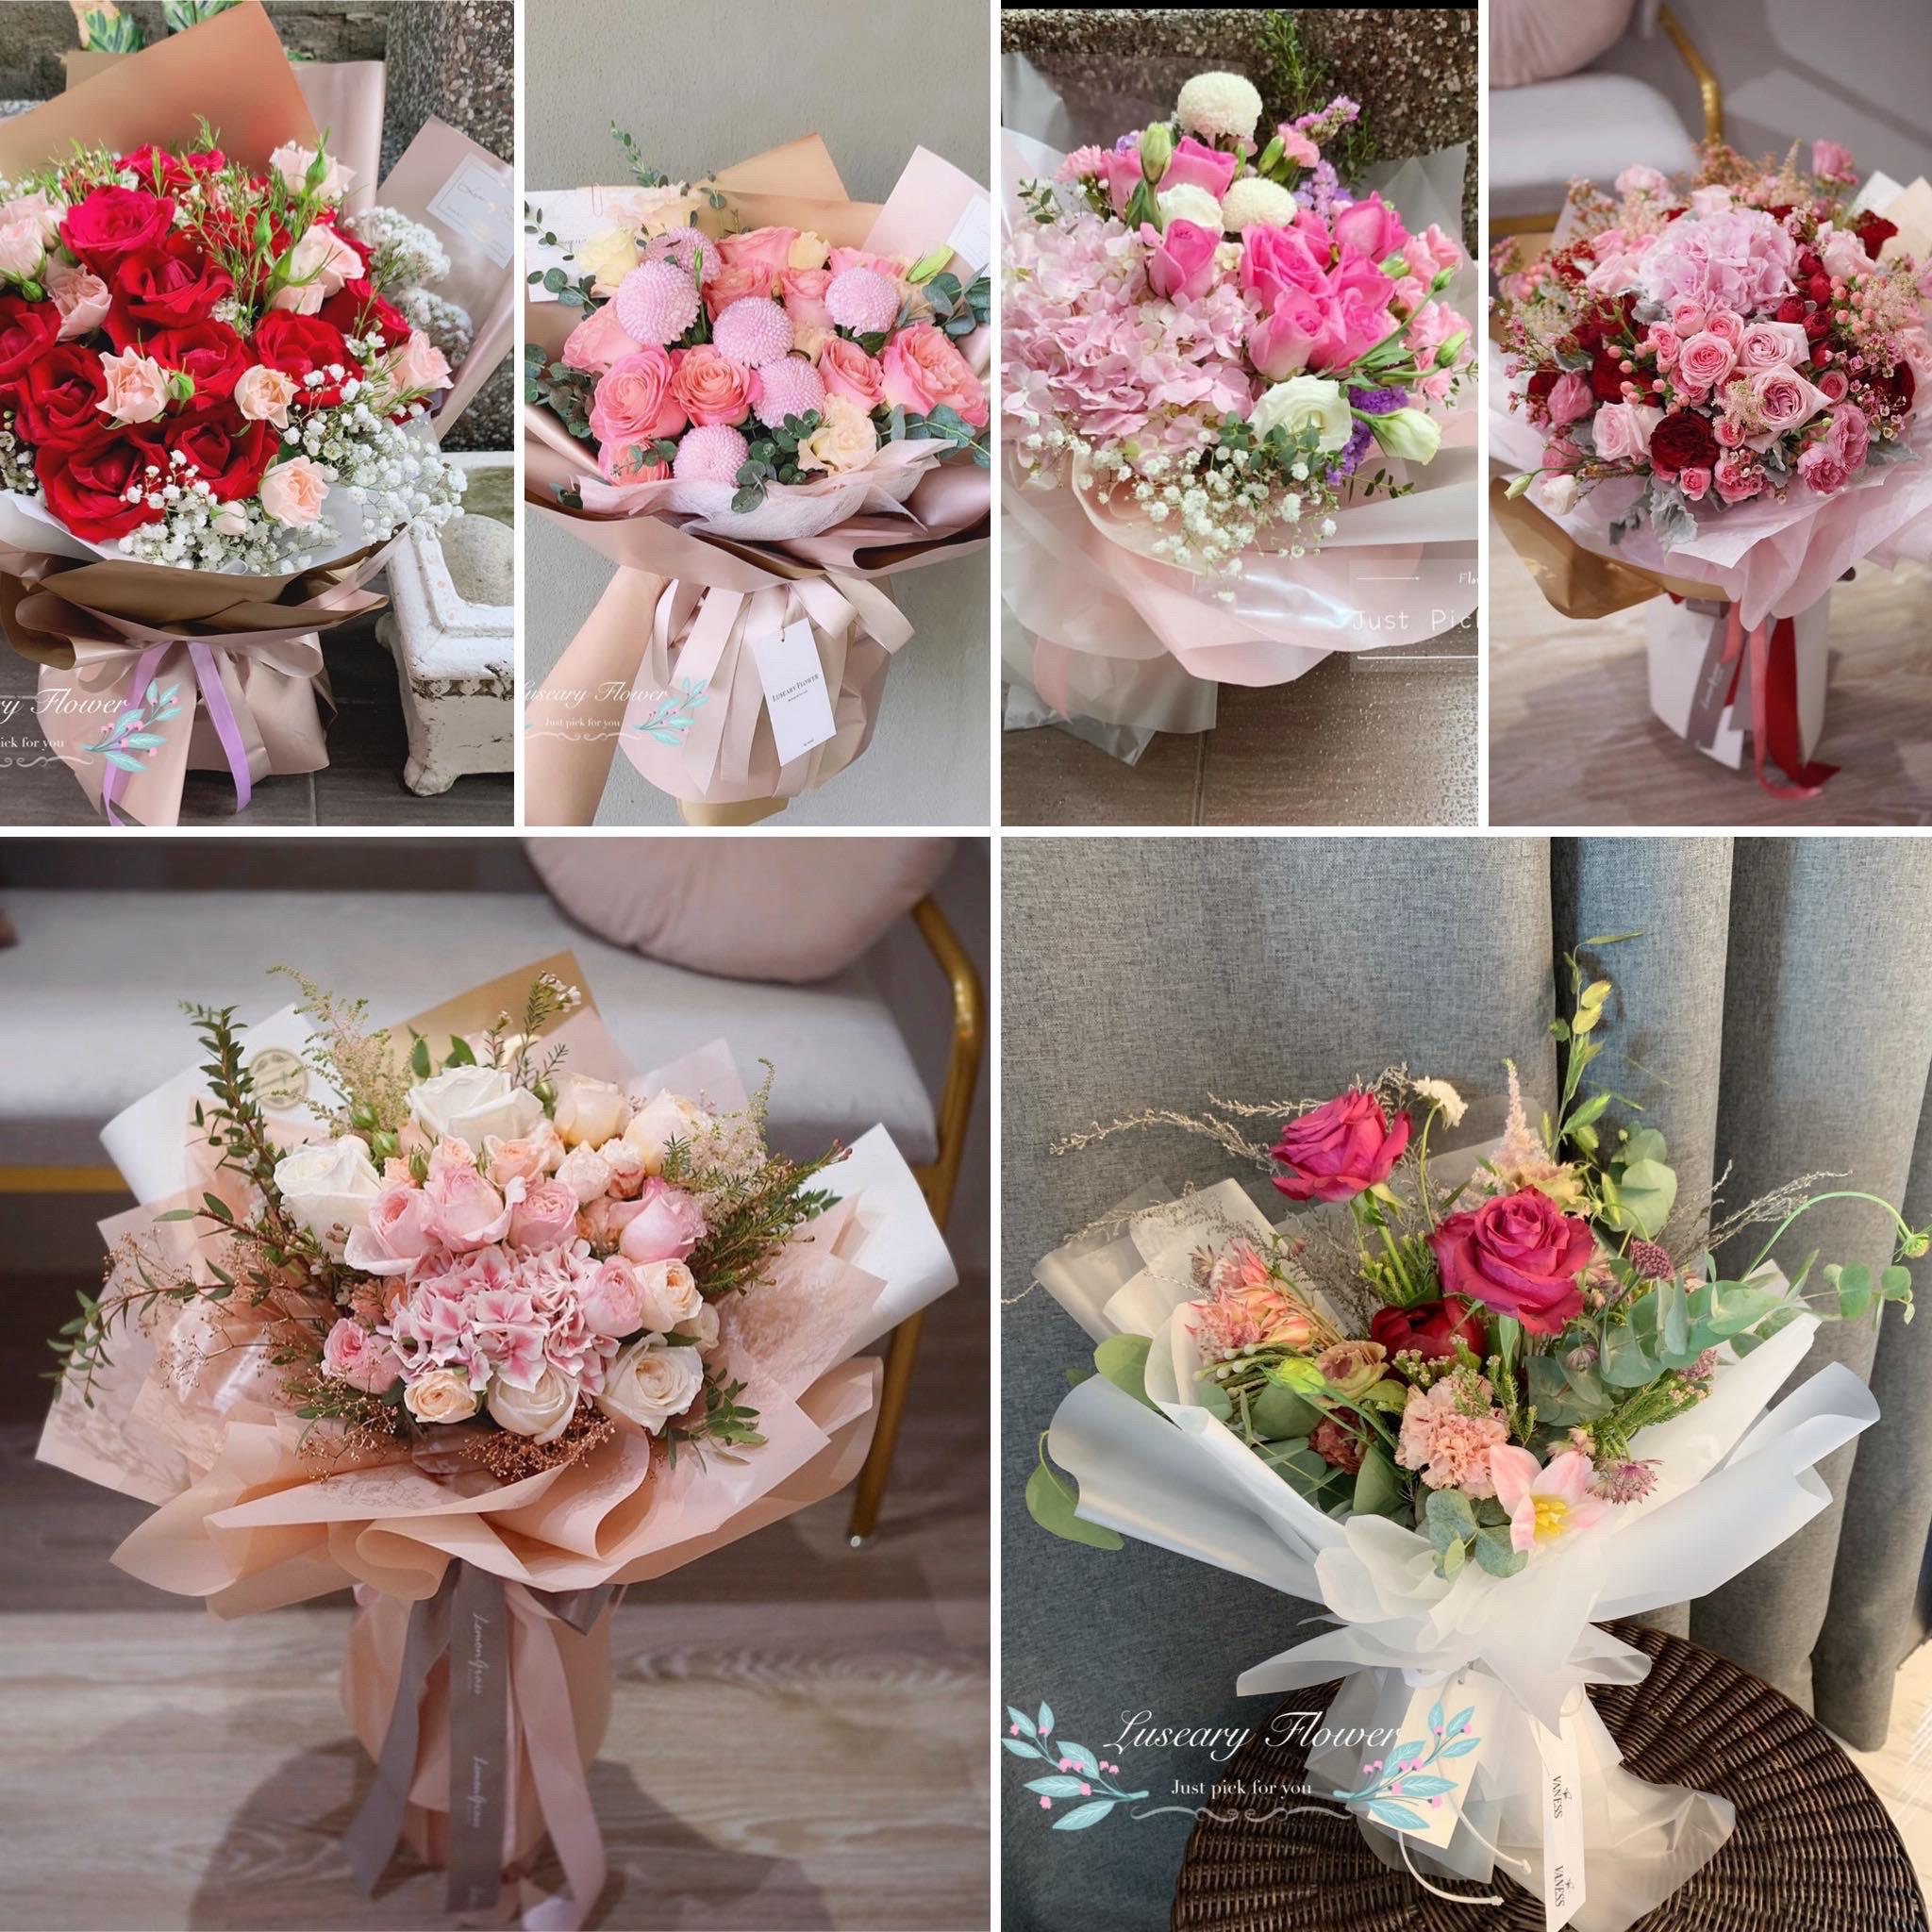 Flower Bouquet Hobby Class